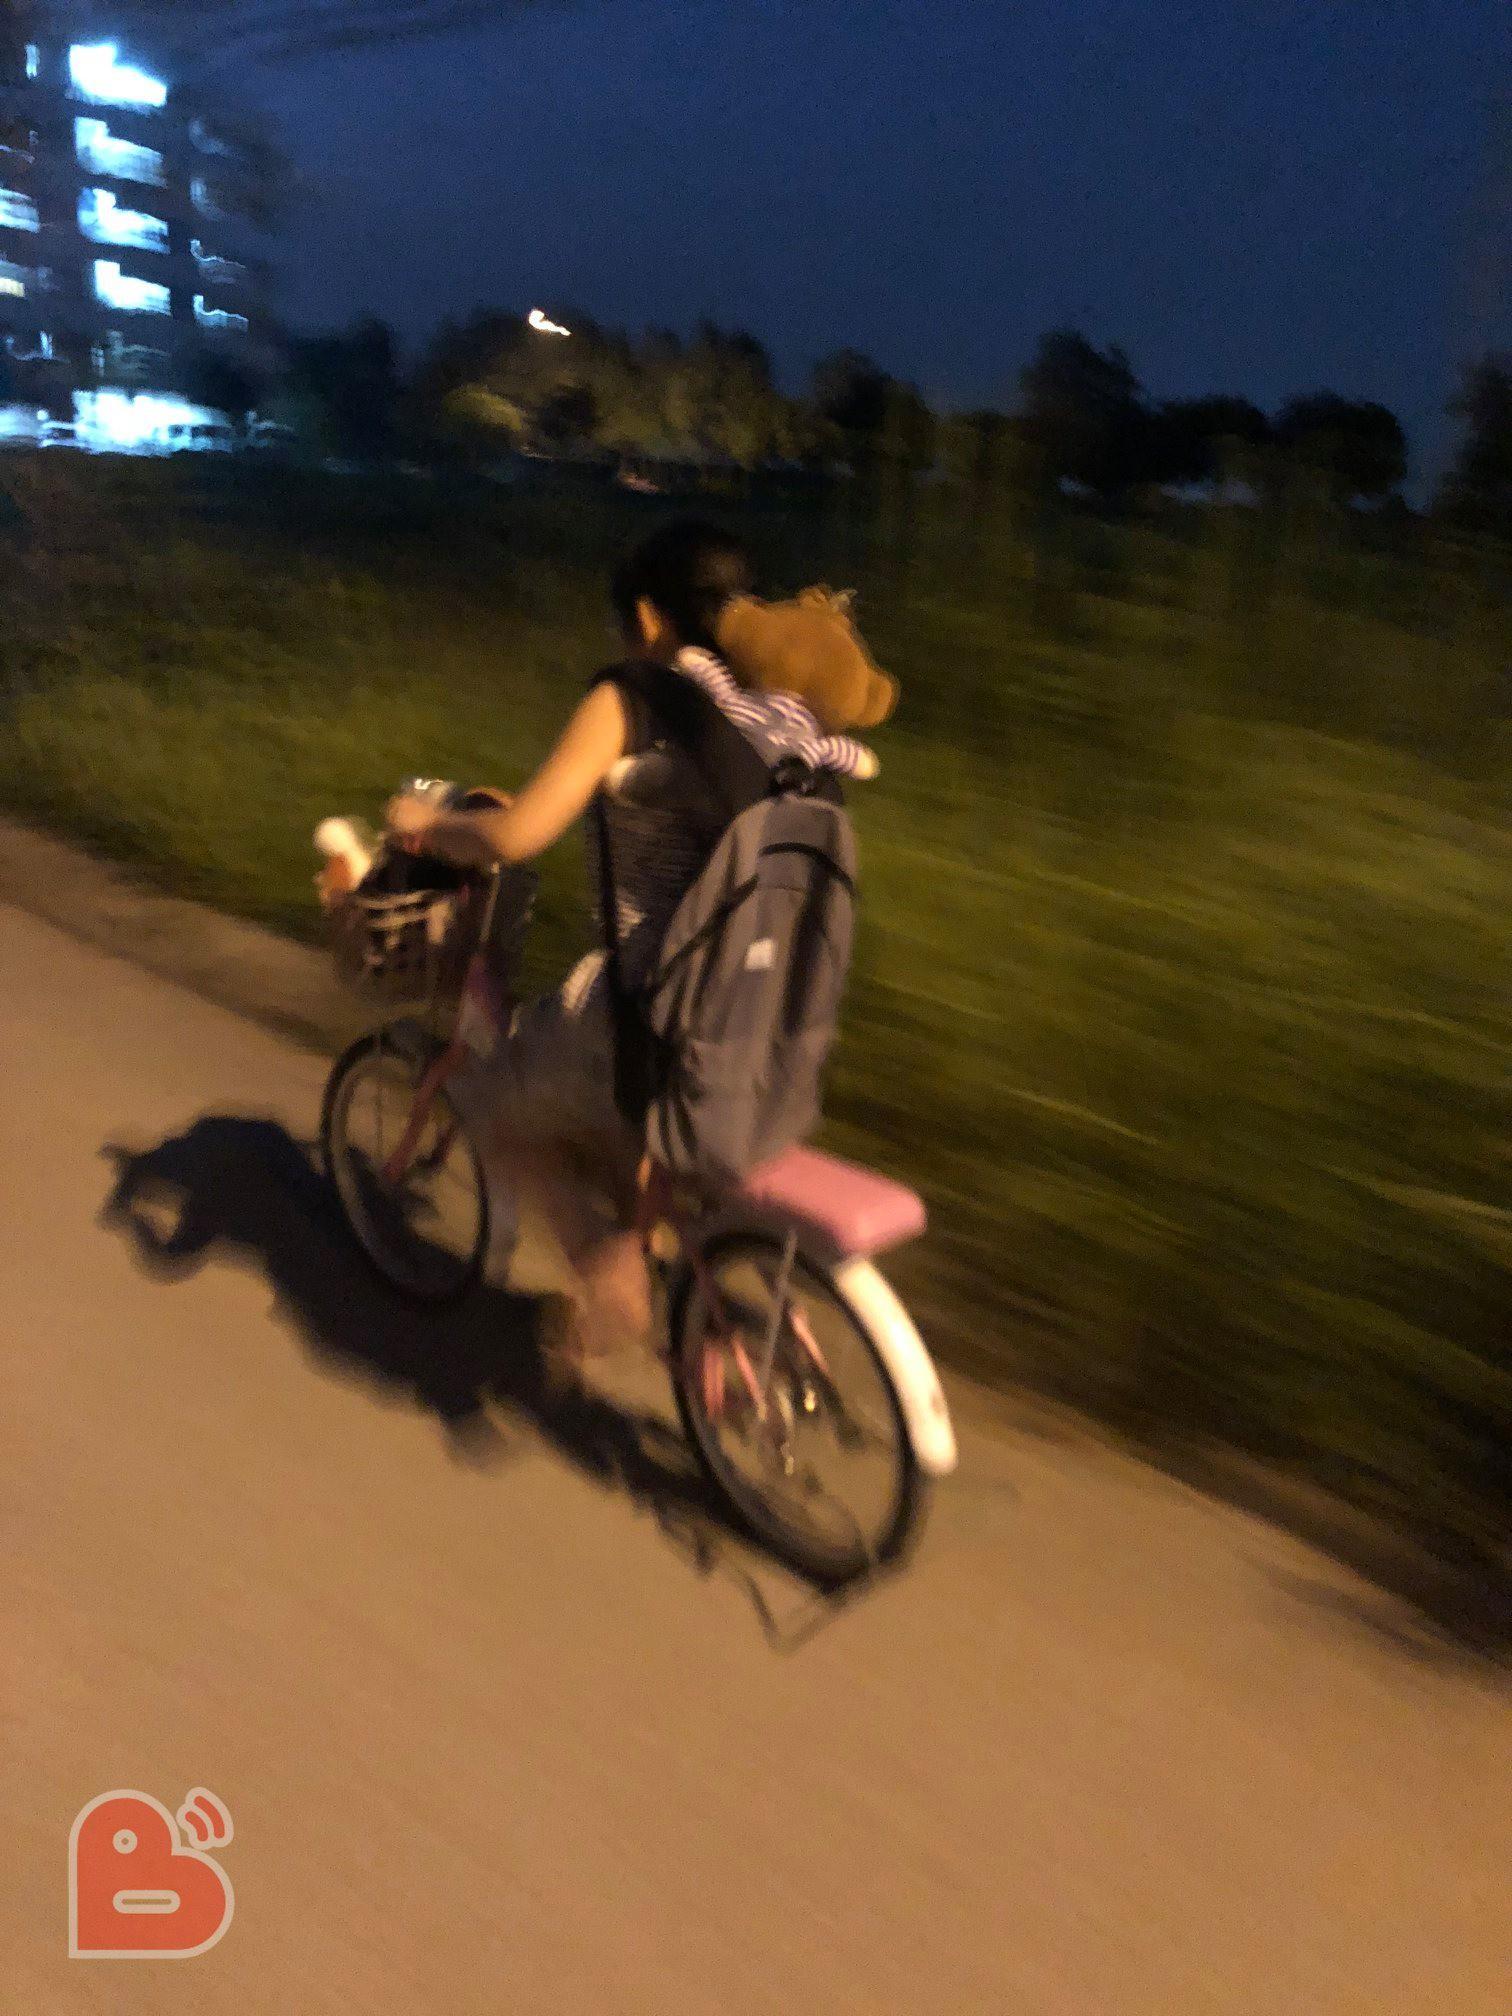 Anh trai đùa Bố mẹ nhặt em ở bãi rác, bé gái tưởng thật để lại tâm thư rồi lấy xe đạp bỏ nhà ra đi - Ảnh 1.